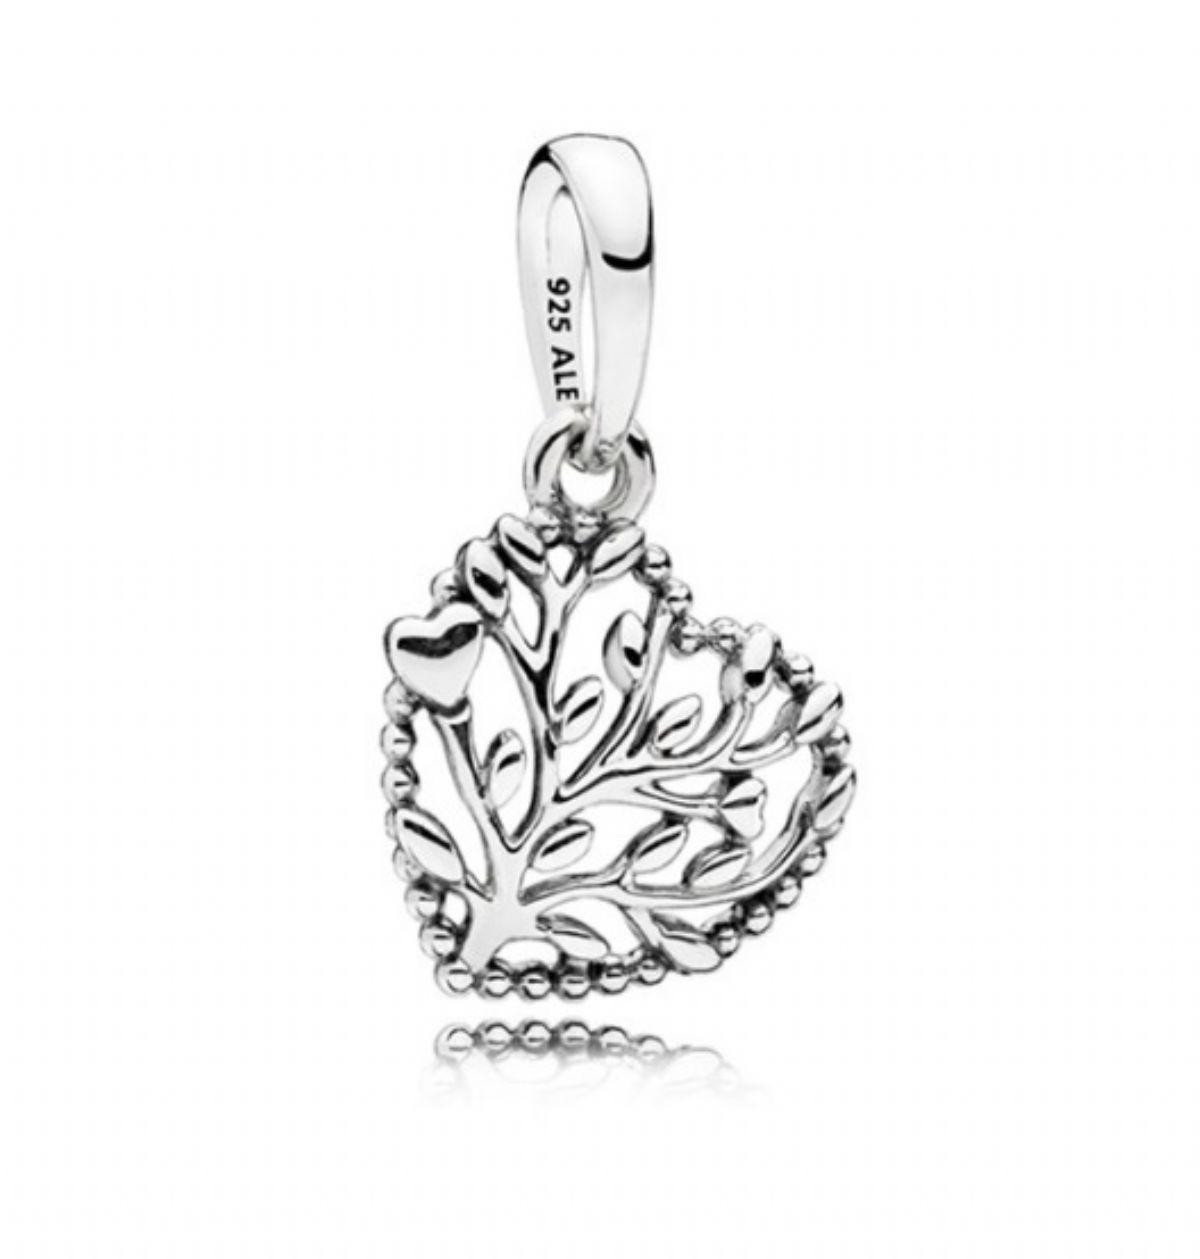 ... Stříbrný přívěsek Pandora - Kvetoucí srdce 1 2 ... cbc073a85b5